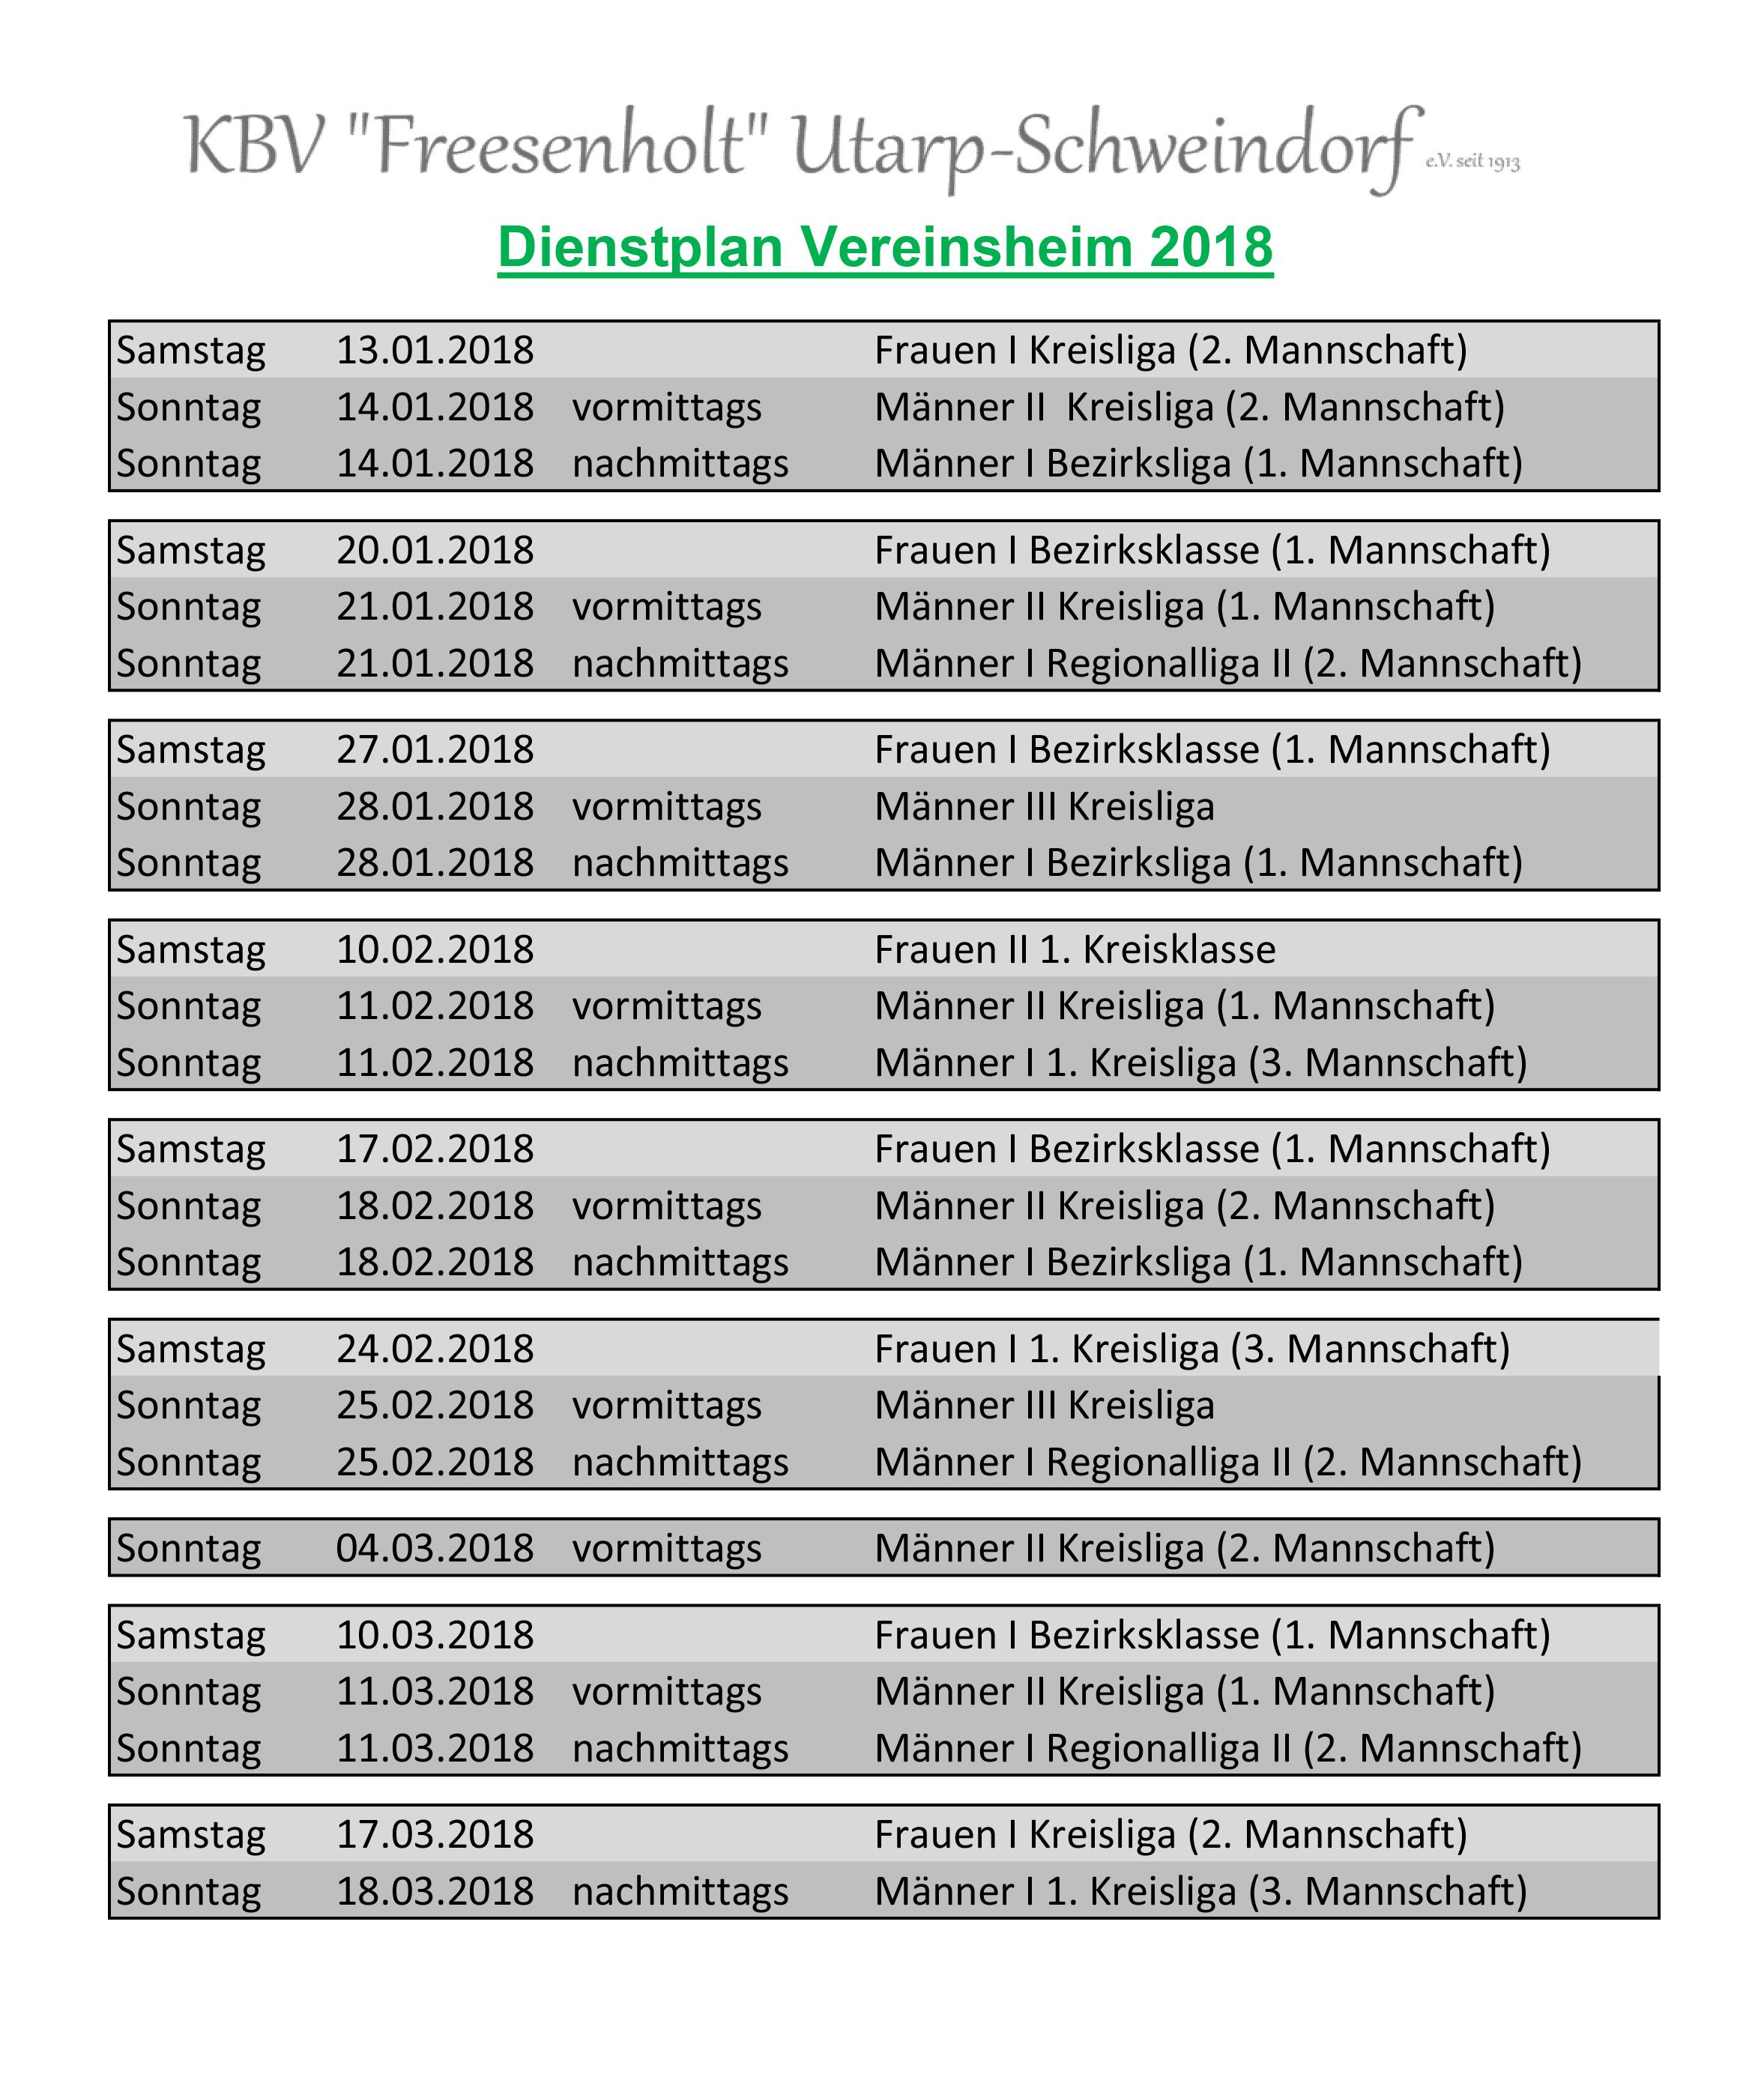 2017_2018 Dienstplan Vereinheim 2. Halbjahr.xlsx